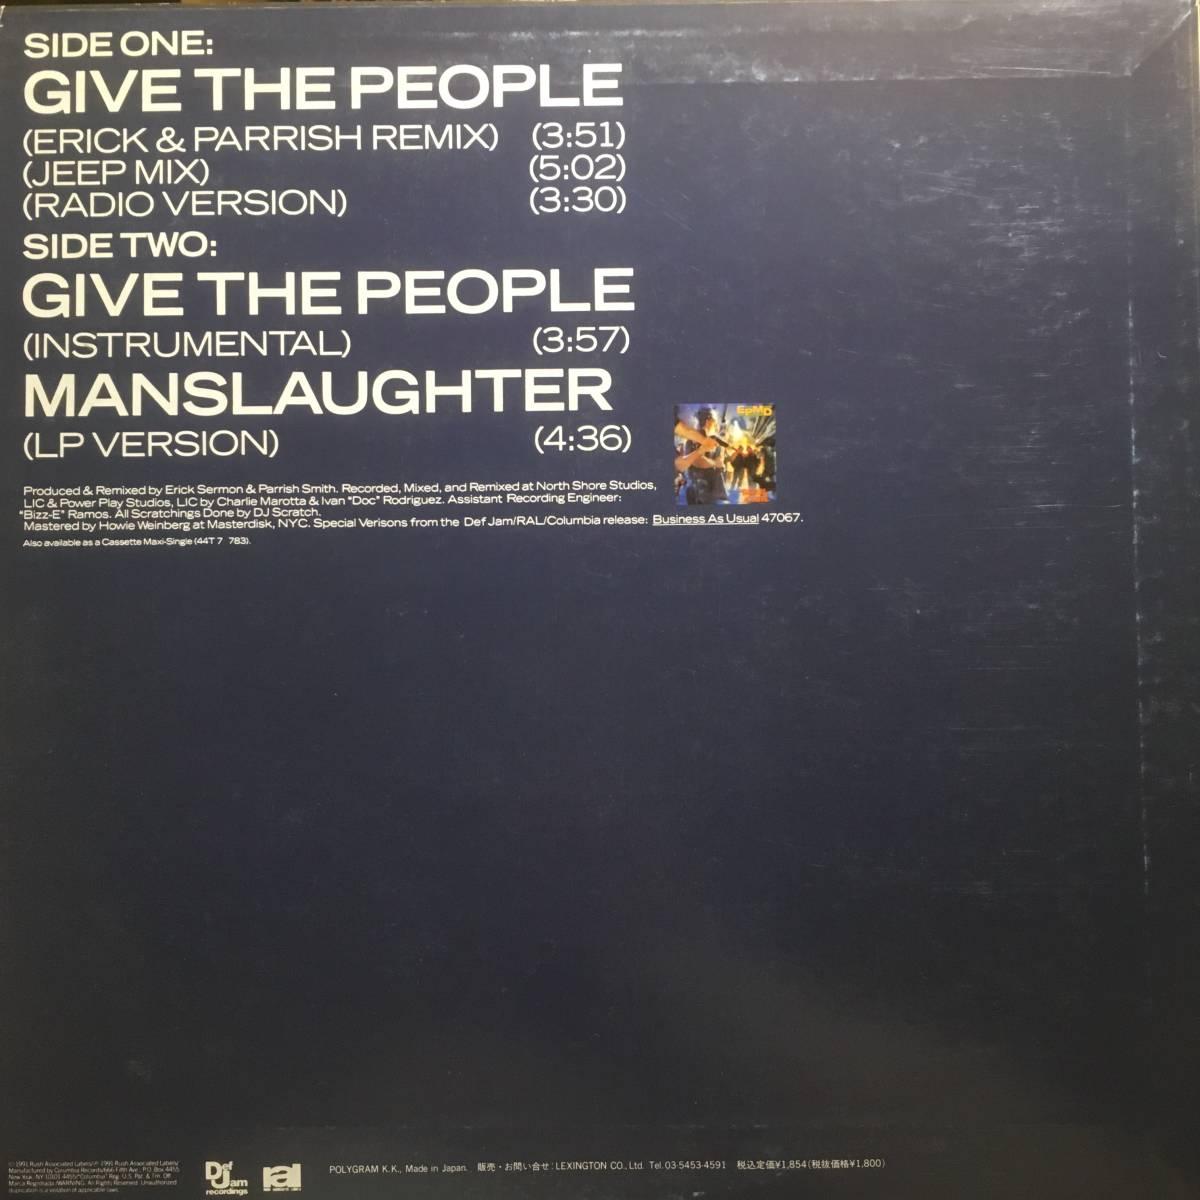 2点落札送料無料 EPMD Give The People O'Jays「Give The People What They Want」ESG「U.F.O.」_画像2